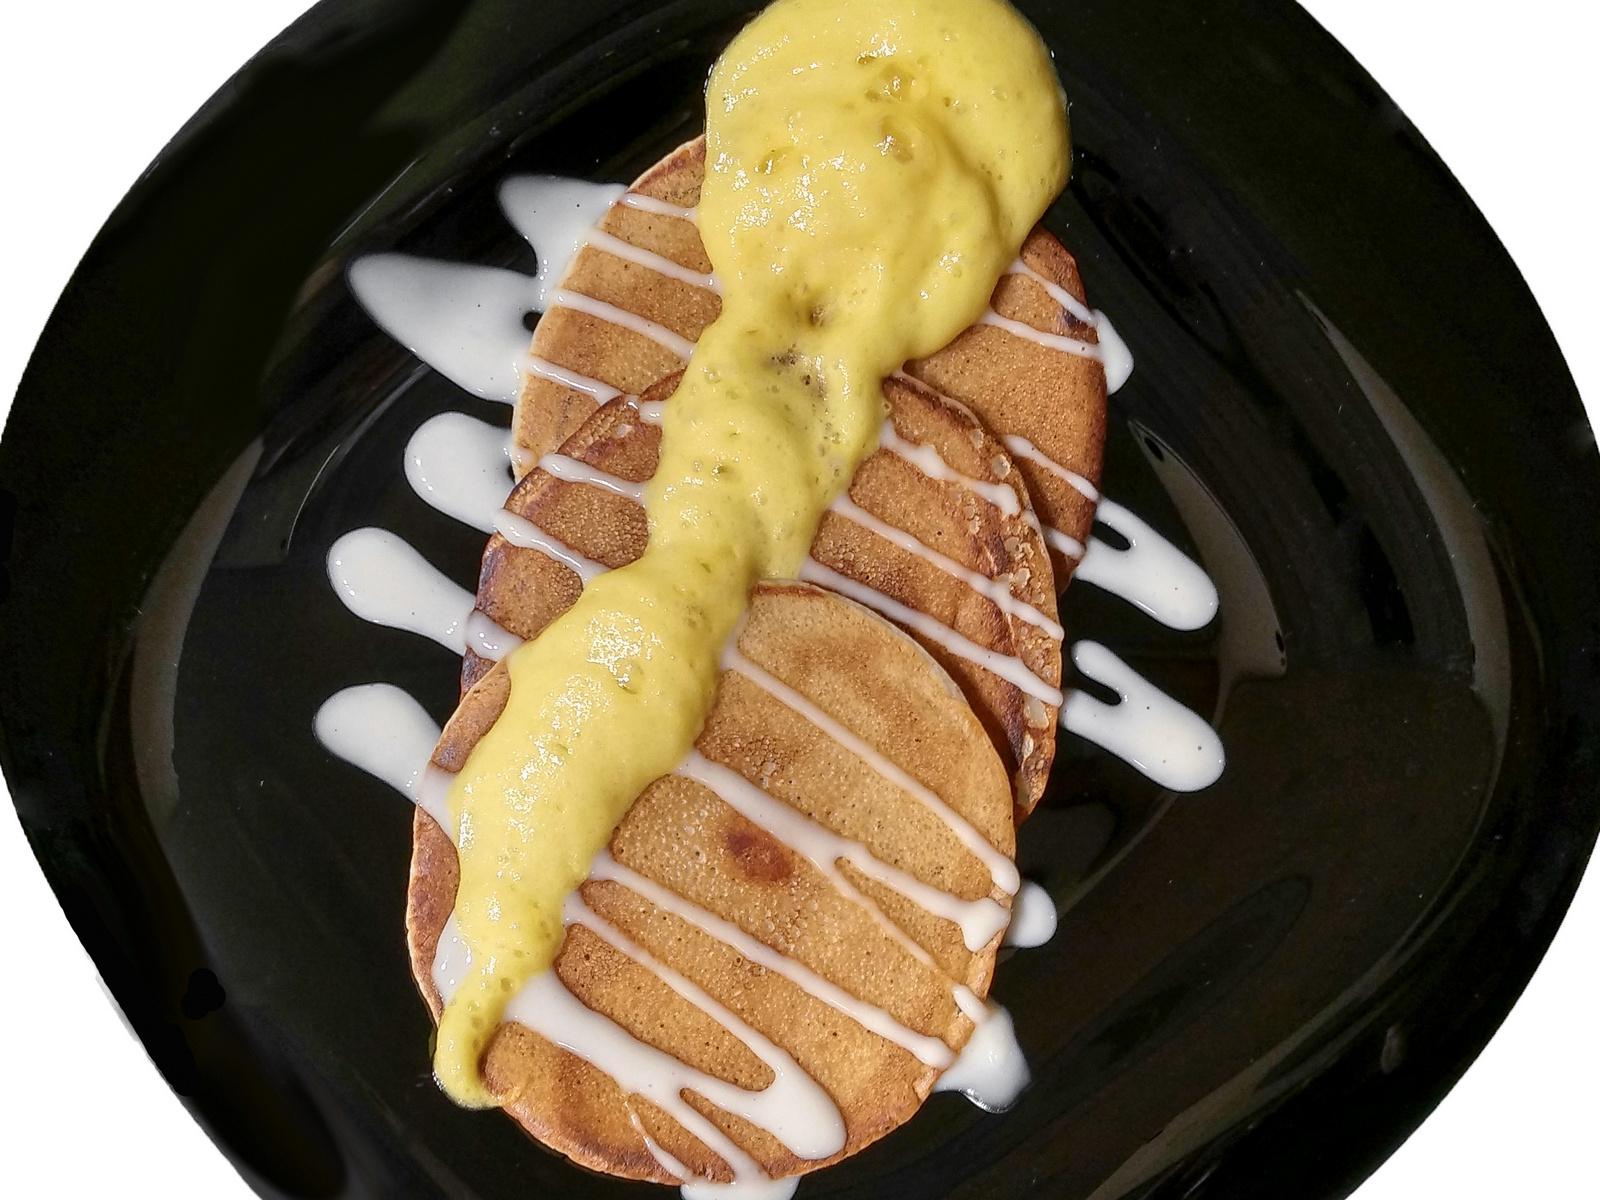 Банановые крепы с пеной маракуйя и соусом крем-карамель